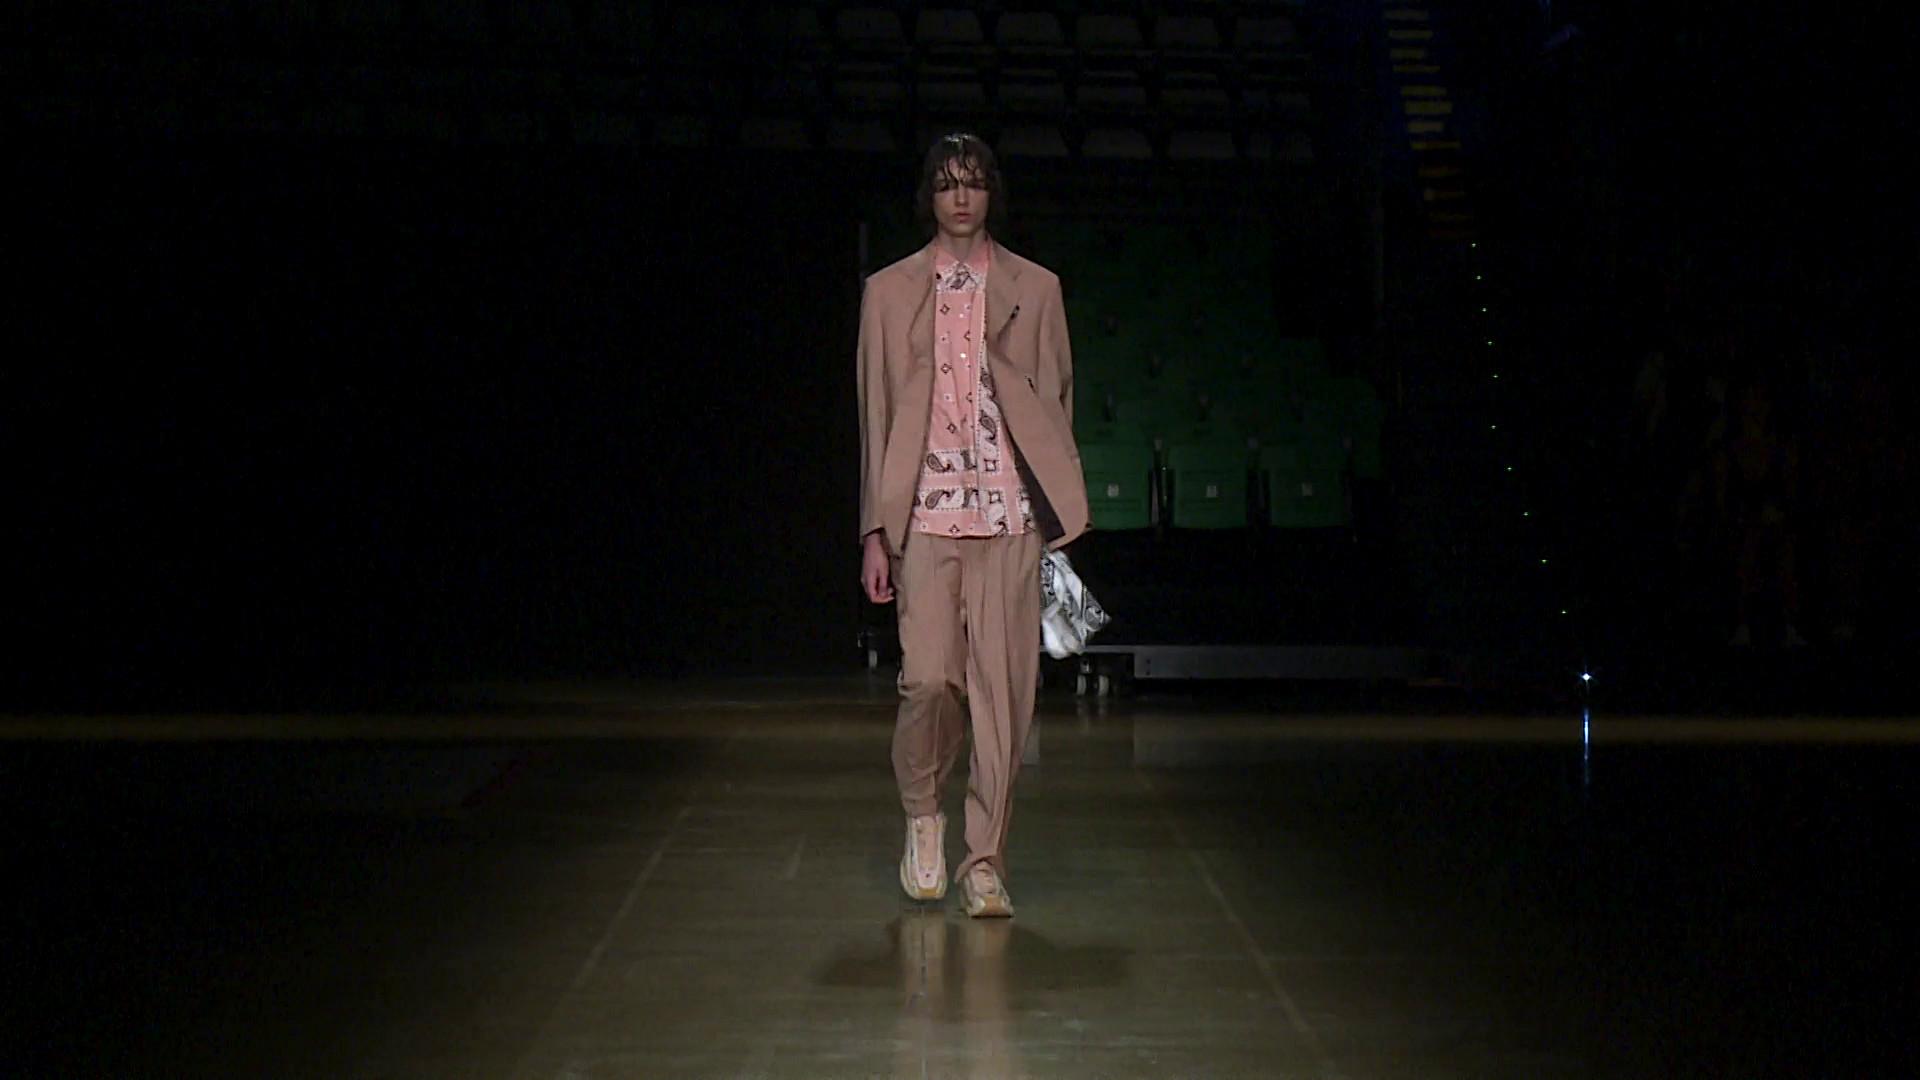 Msgm Spring Summer 2020 Men's Fashion Show - Pitti Immagine Uomo